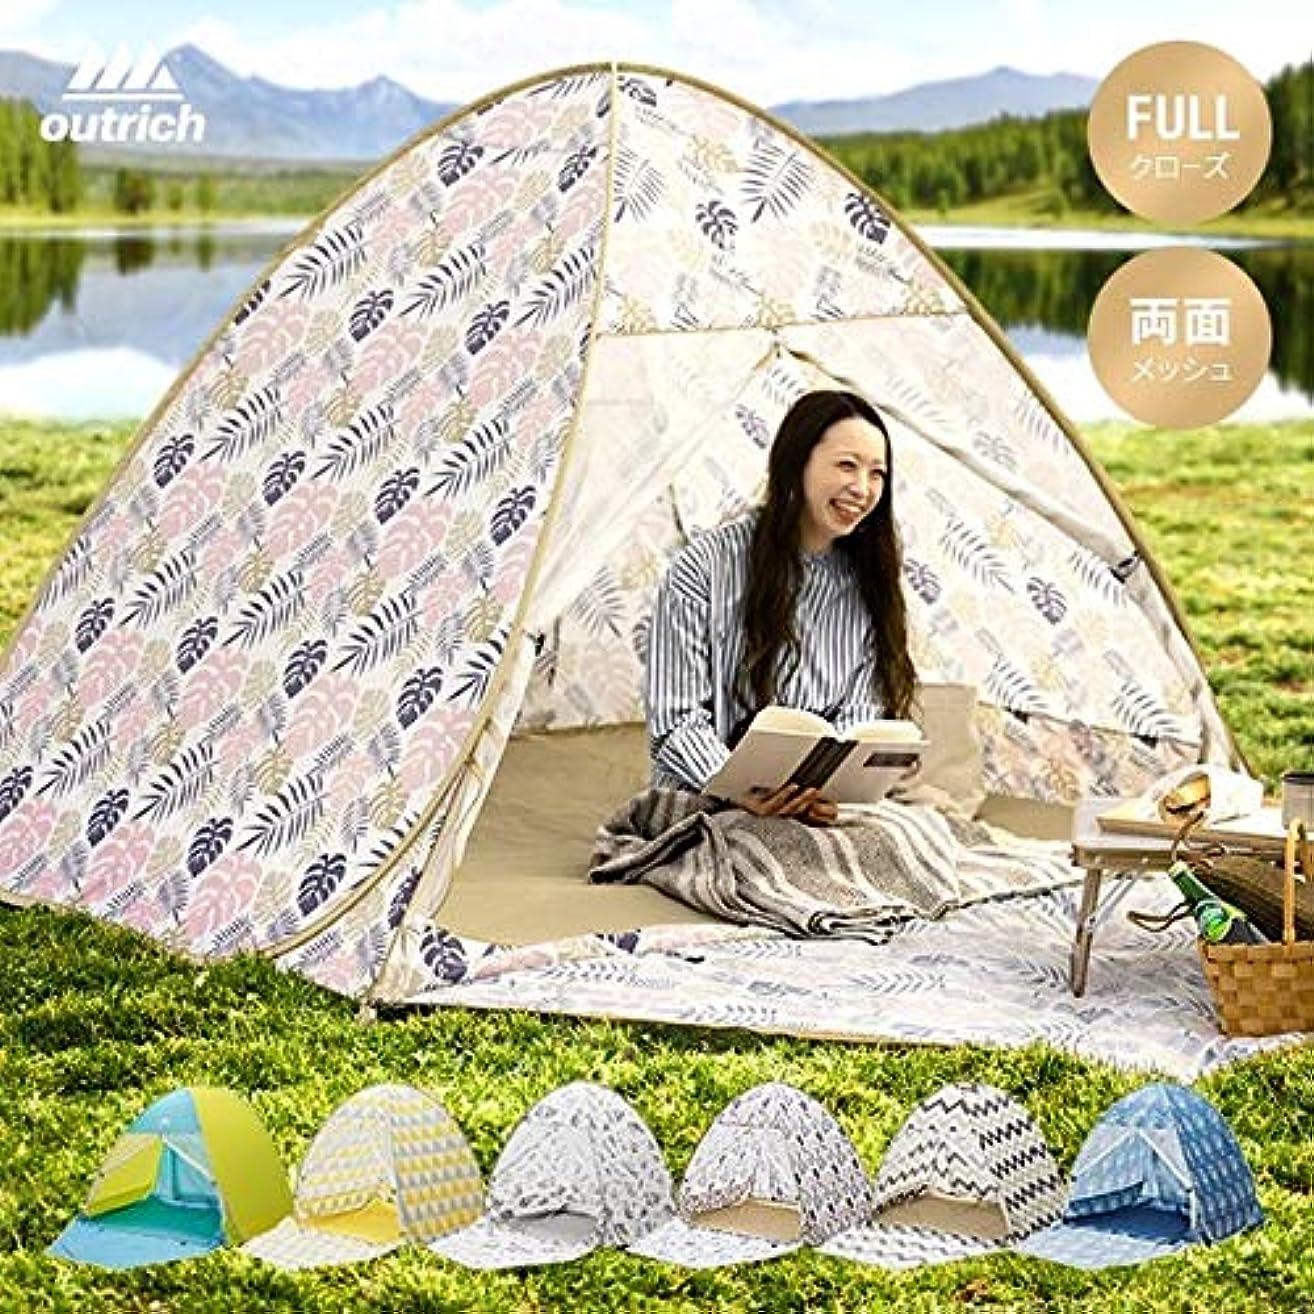 団結ラウンジニュースポップアップテント レギュラーサイズ フルクローズ 両面メッシュ ワンタッチテント 簡易テント サンシェードテント UVカット 紫外線カット